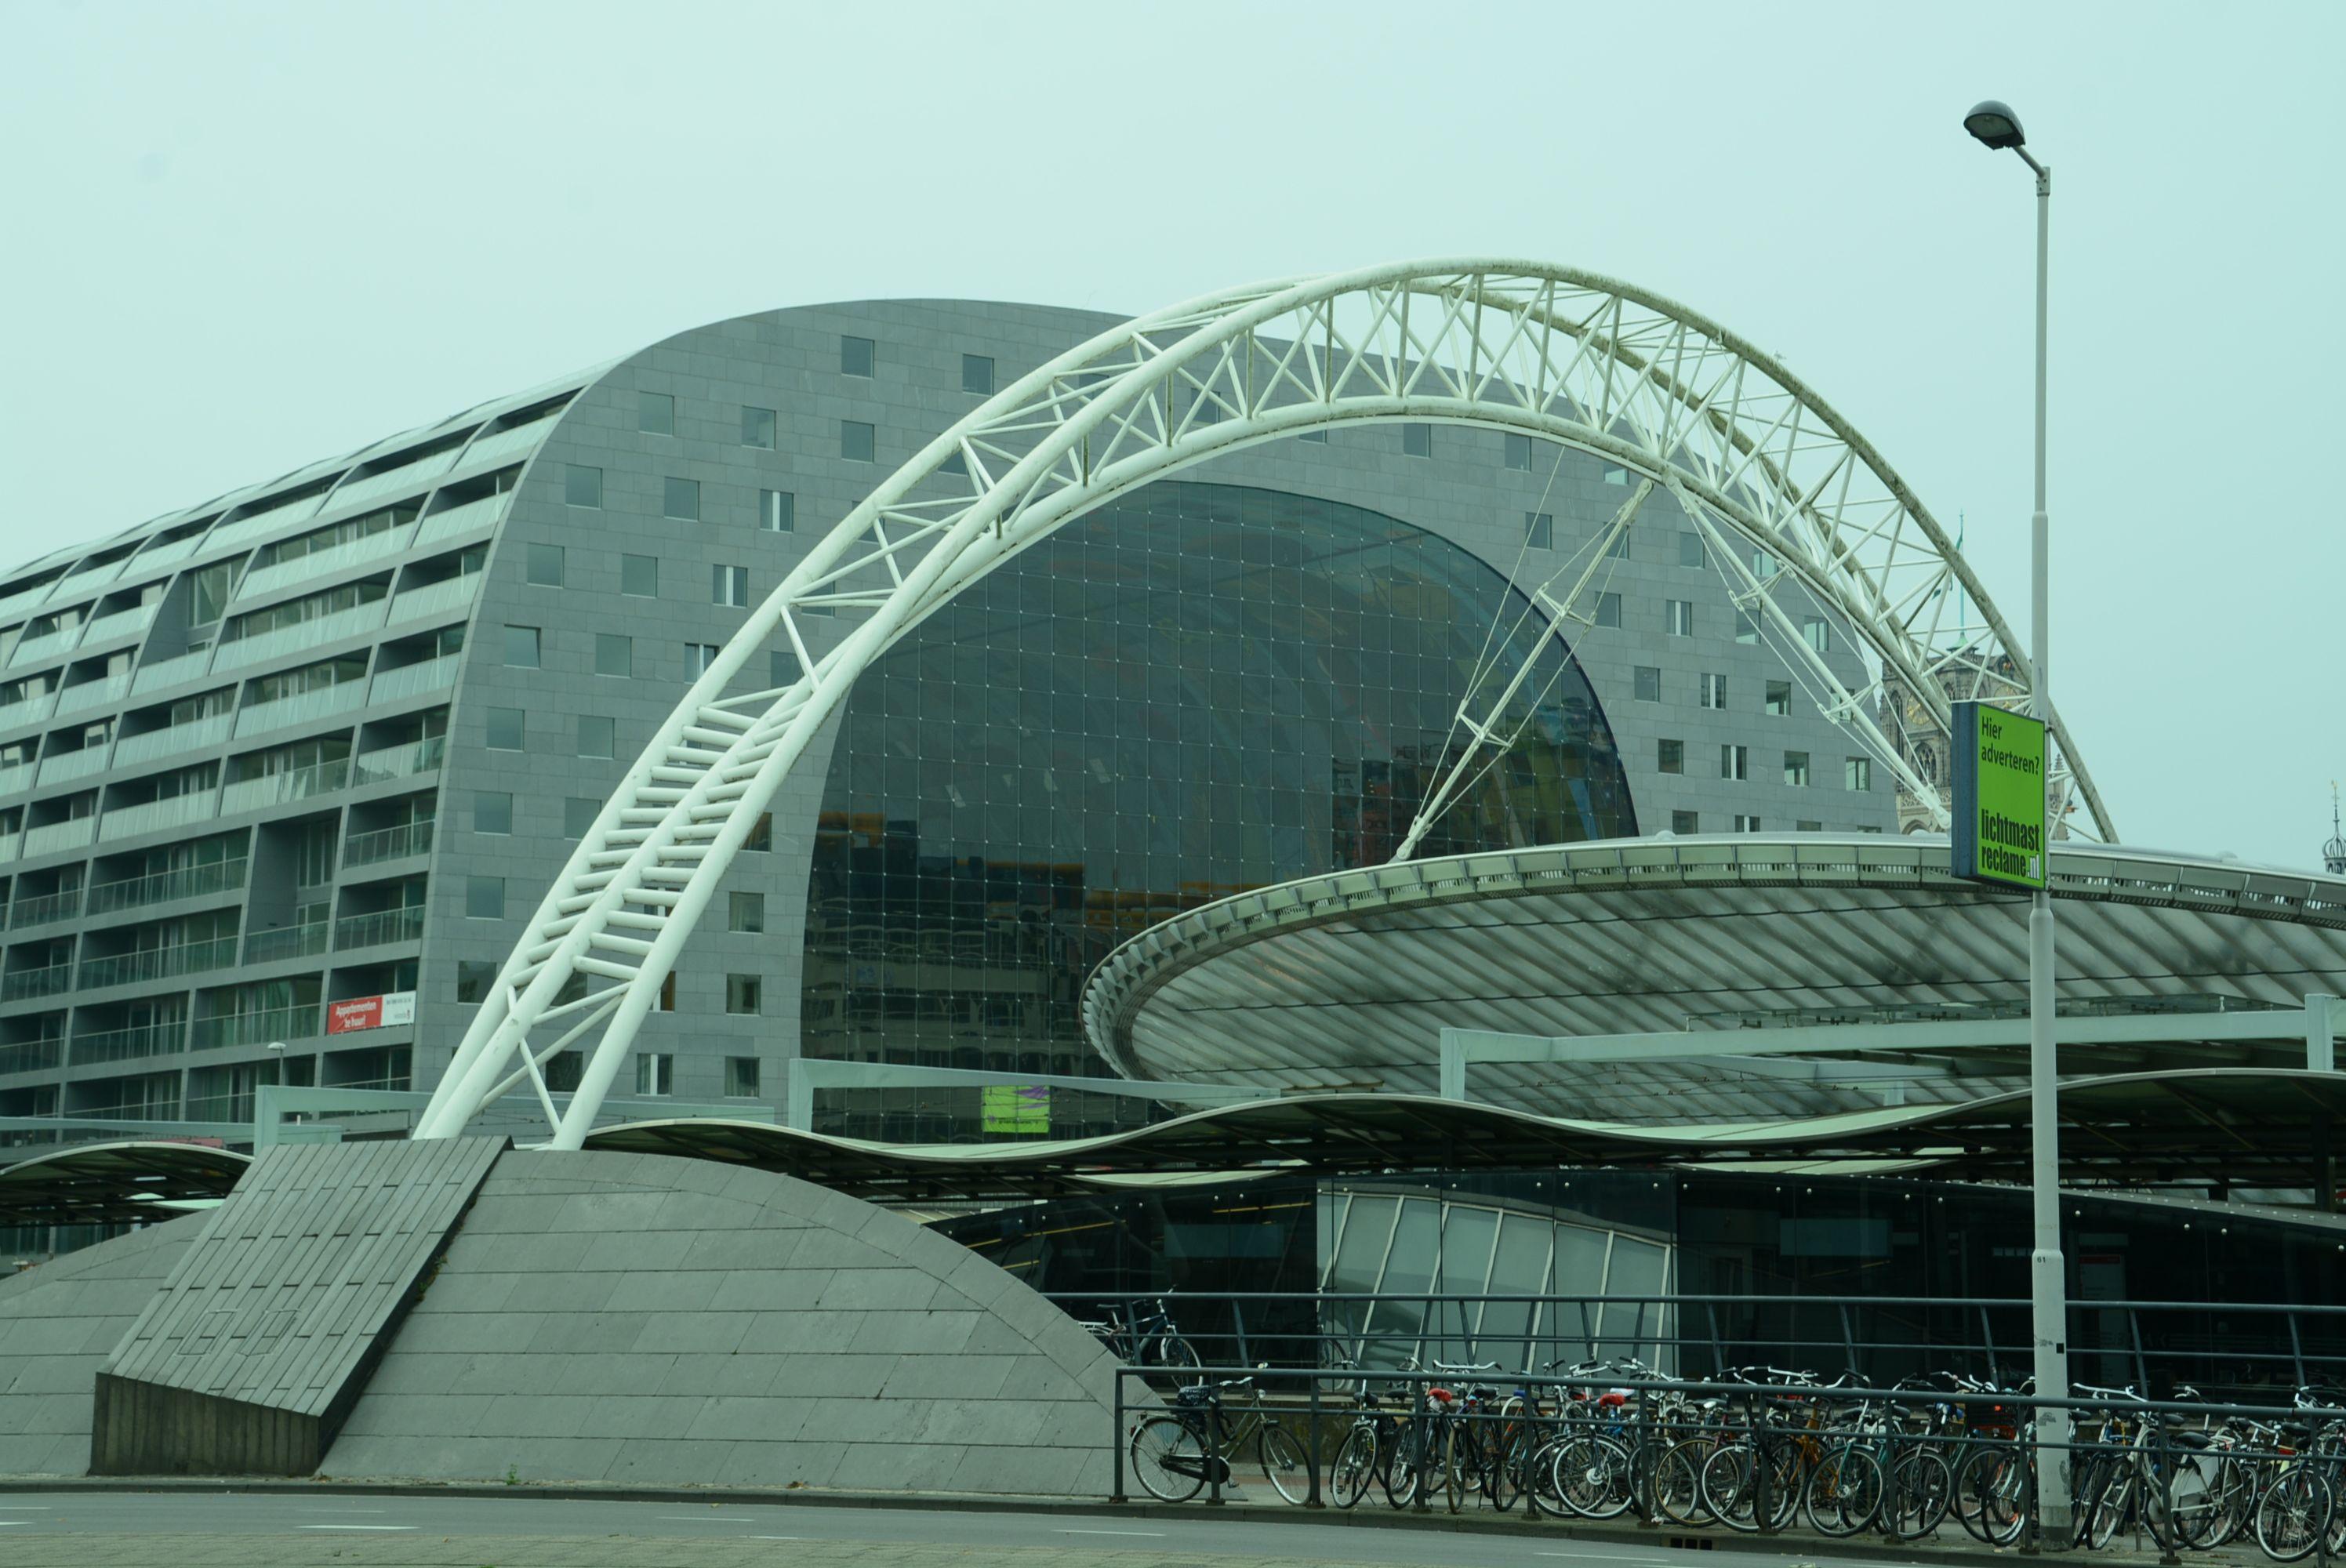 Rotterdam Markthalle MVRDV GrachtenundGiebelHollandBlogNiederlandeRalfJohnenZuidHollandArchitekturKoolhaas03